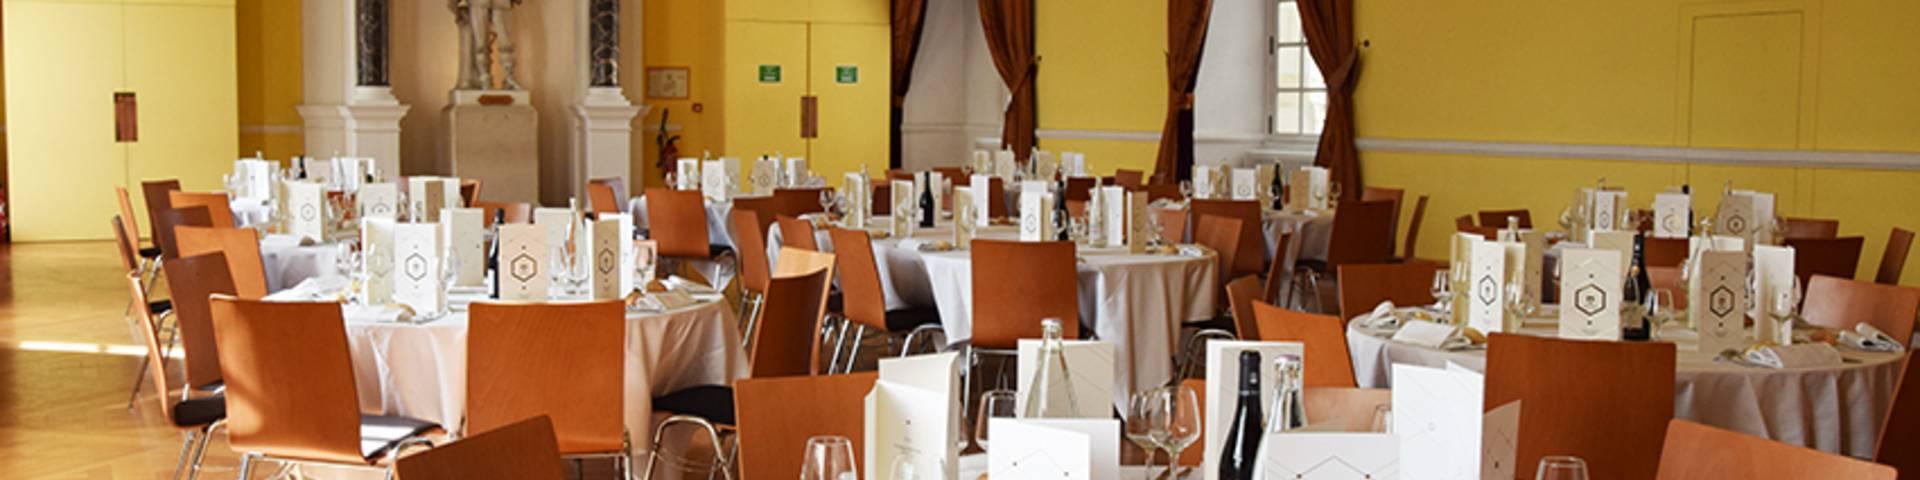 Almuerzo privado en el Castillo Real de Blois